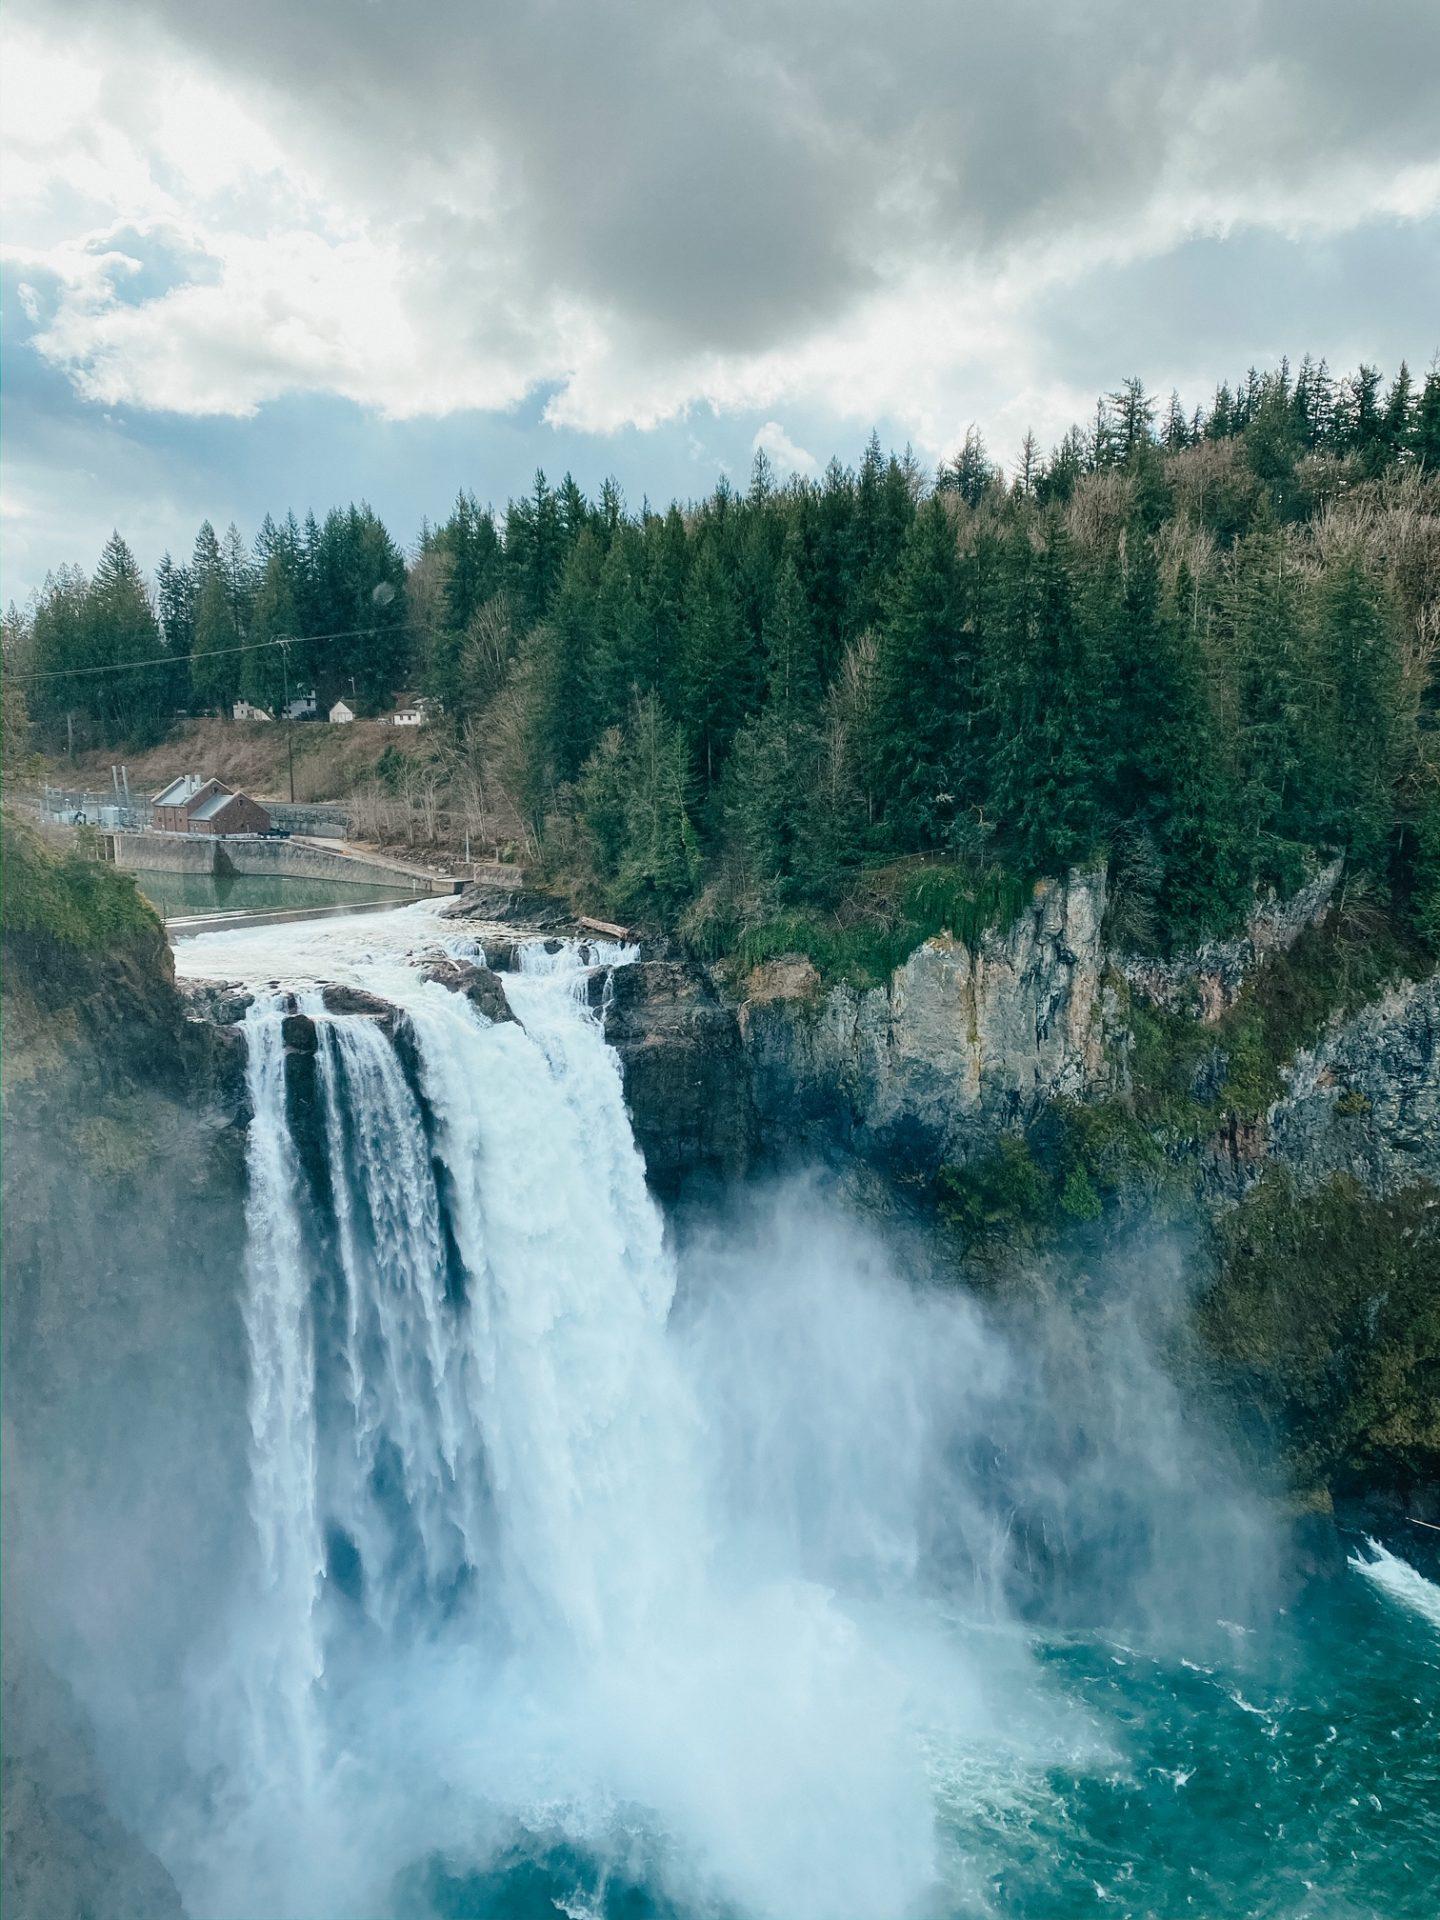 exploring snoqualmie falls